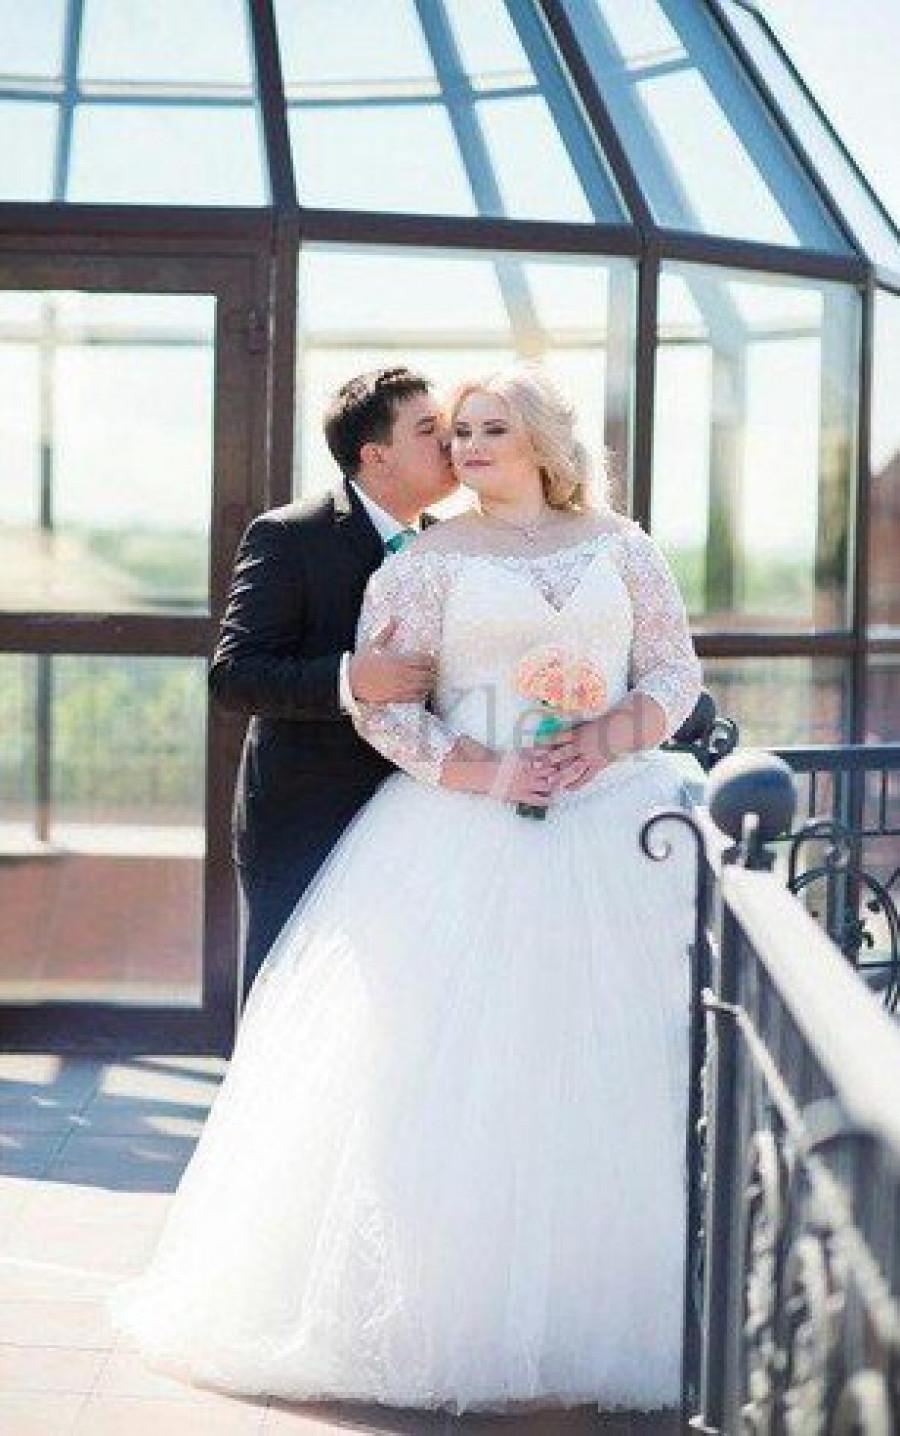 Wir wurden von einer Hochzeit im Freien angezogen in mekleid.de